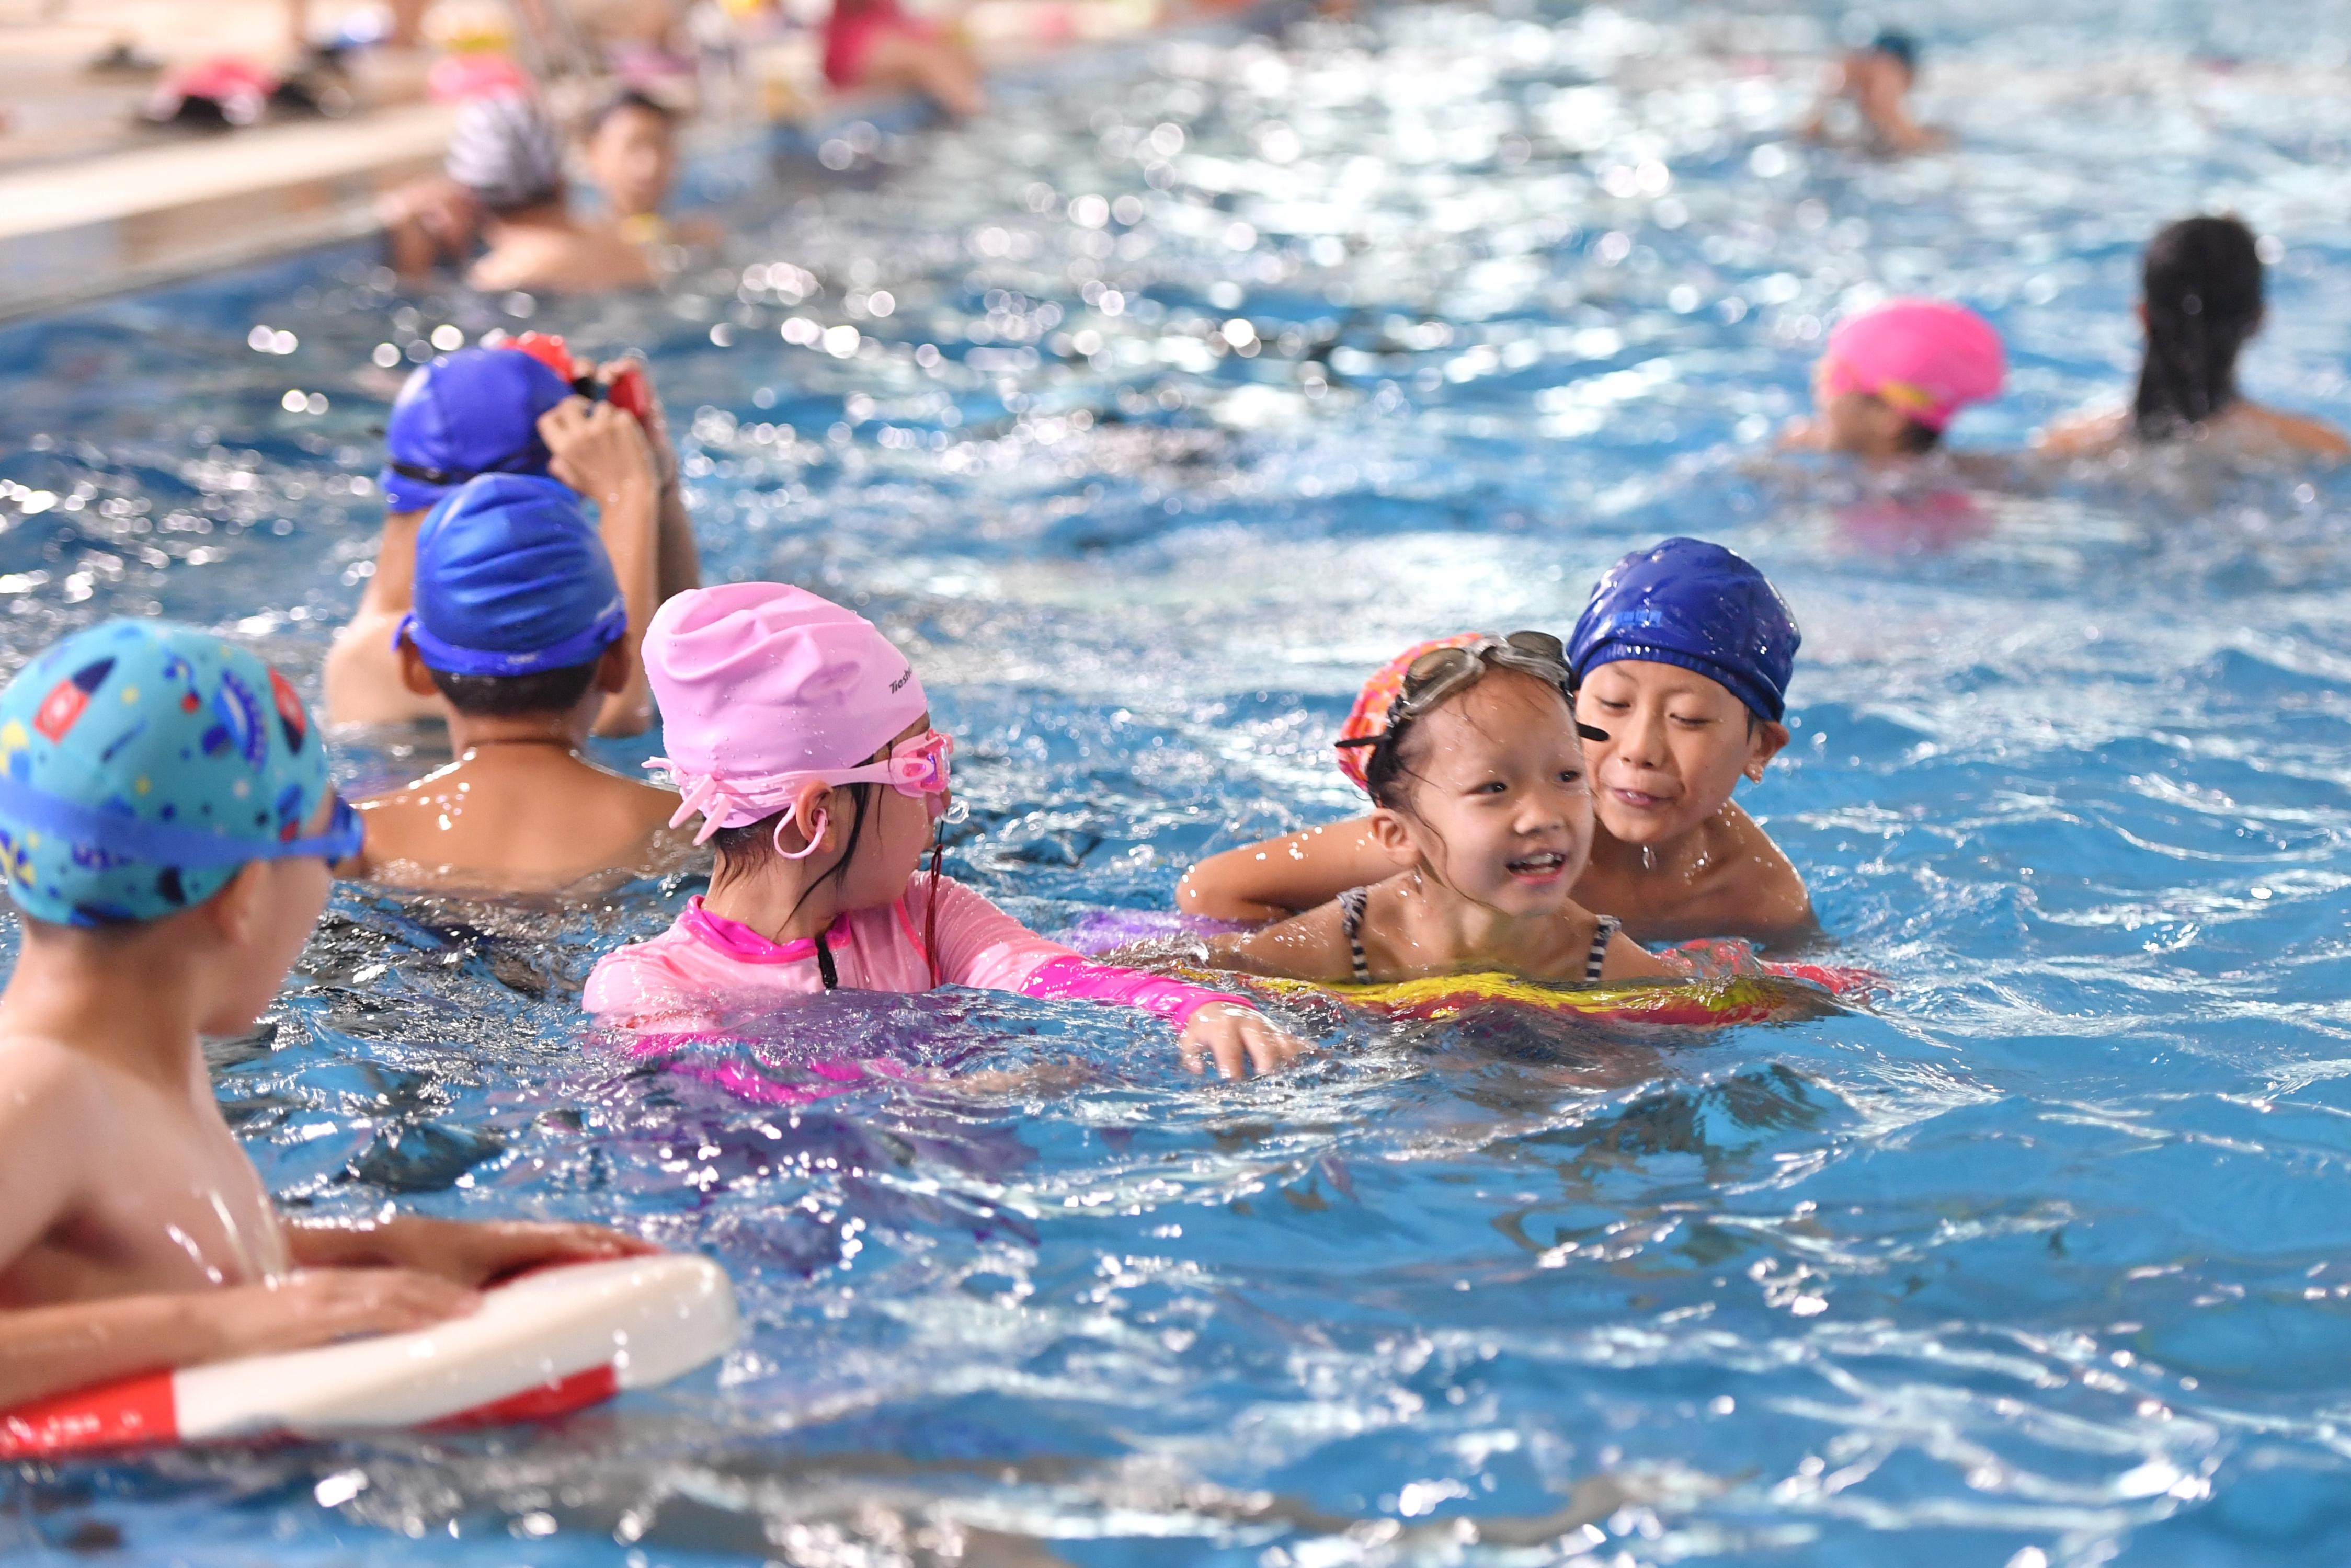 7月20日,位于开福区的广运体育城市海洋游泳馆内,孩子们在水中享受清凉。今日开始至8月28日,长沙26家游泳场所暑期向中小学生免费开放。  均为长沙晚报全媒体记者王志伟摄